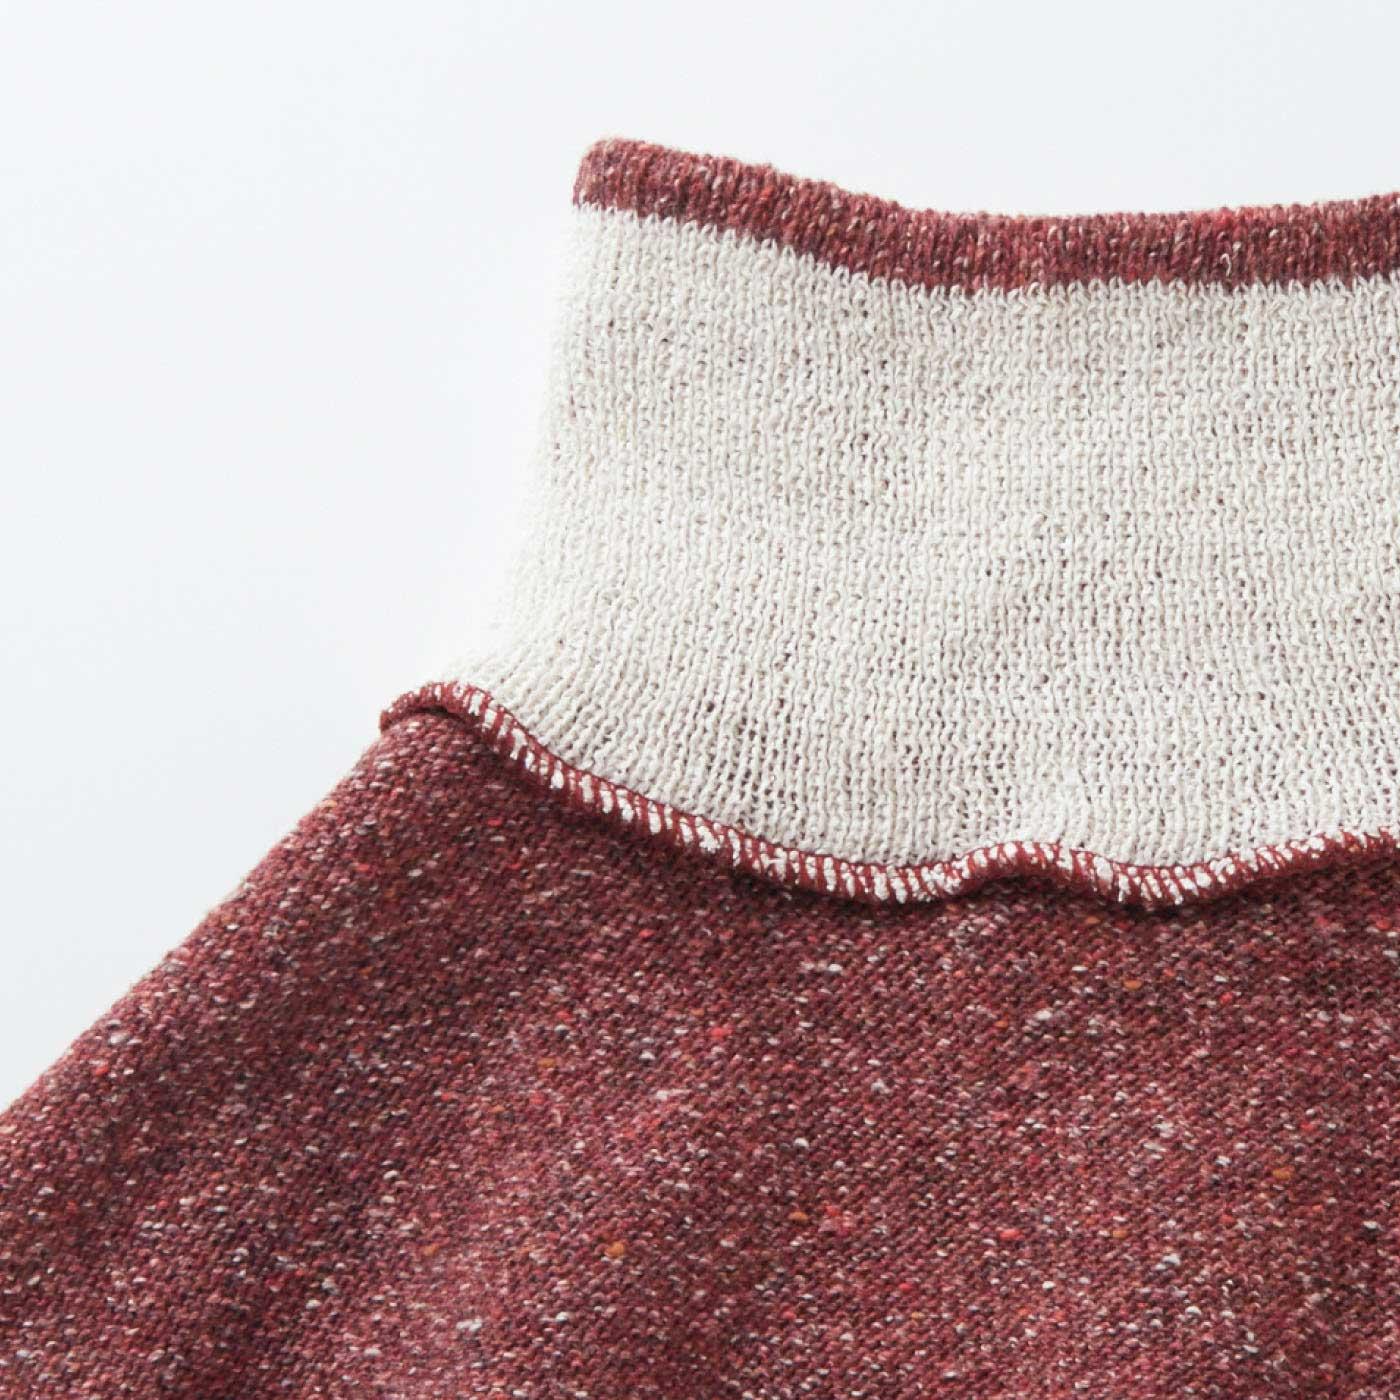 裏返すと……すっきりフィットで、肌側のシルク面がネック上辺から見えにくい仕様。